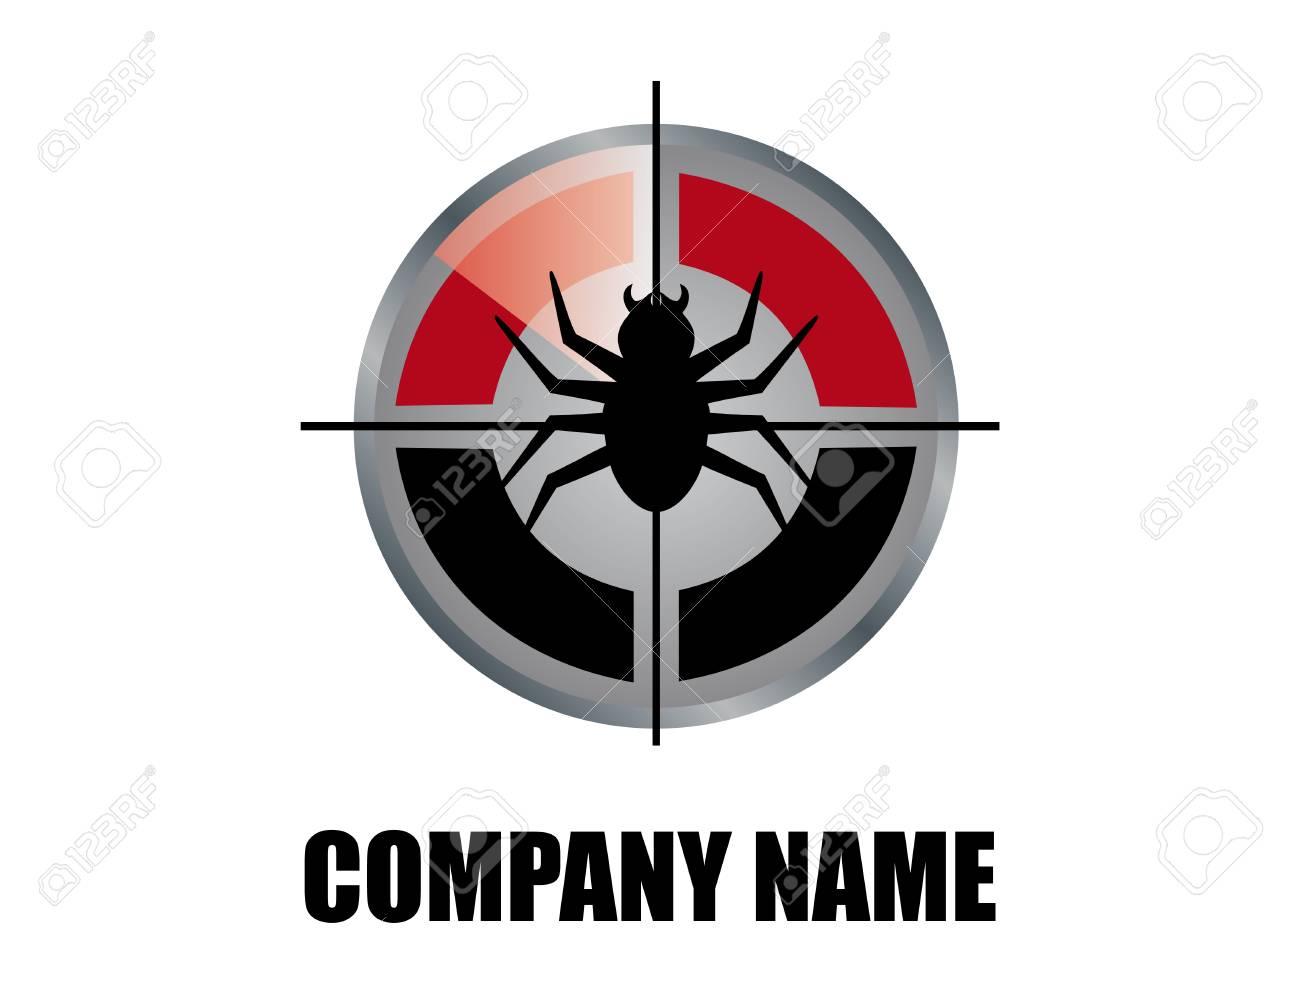 Pest control logo - 81619087